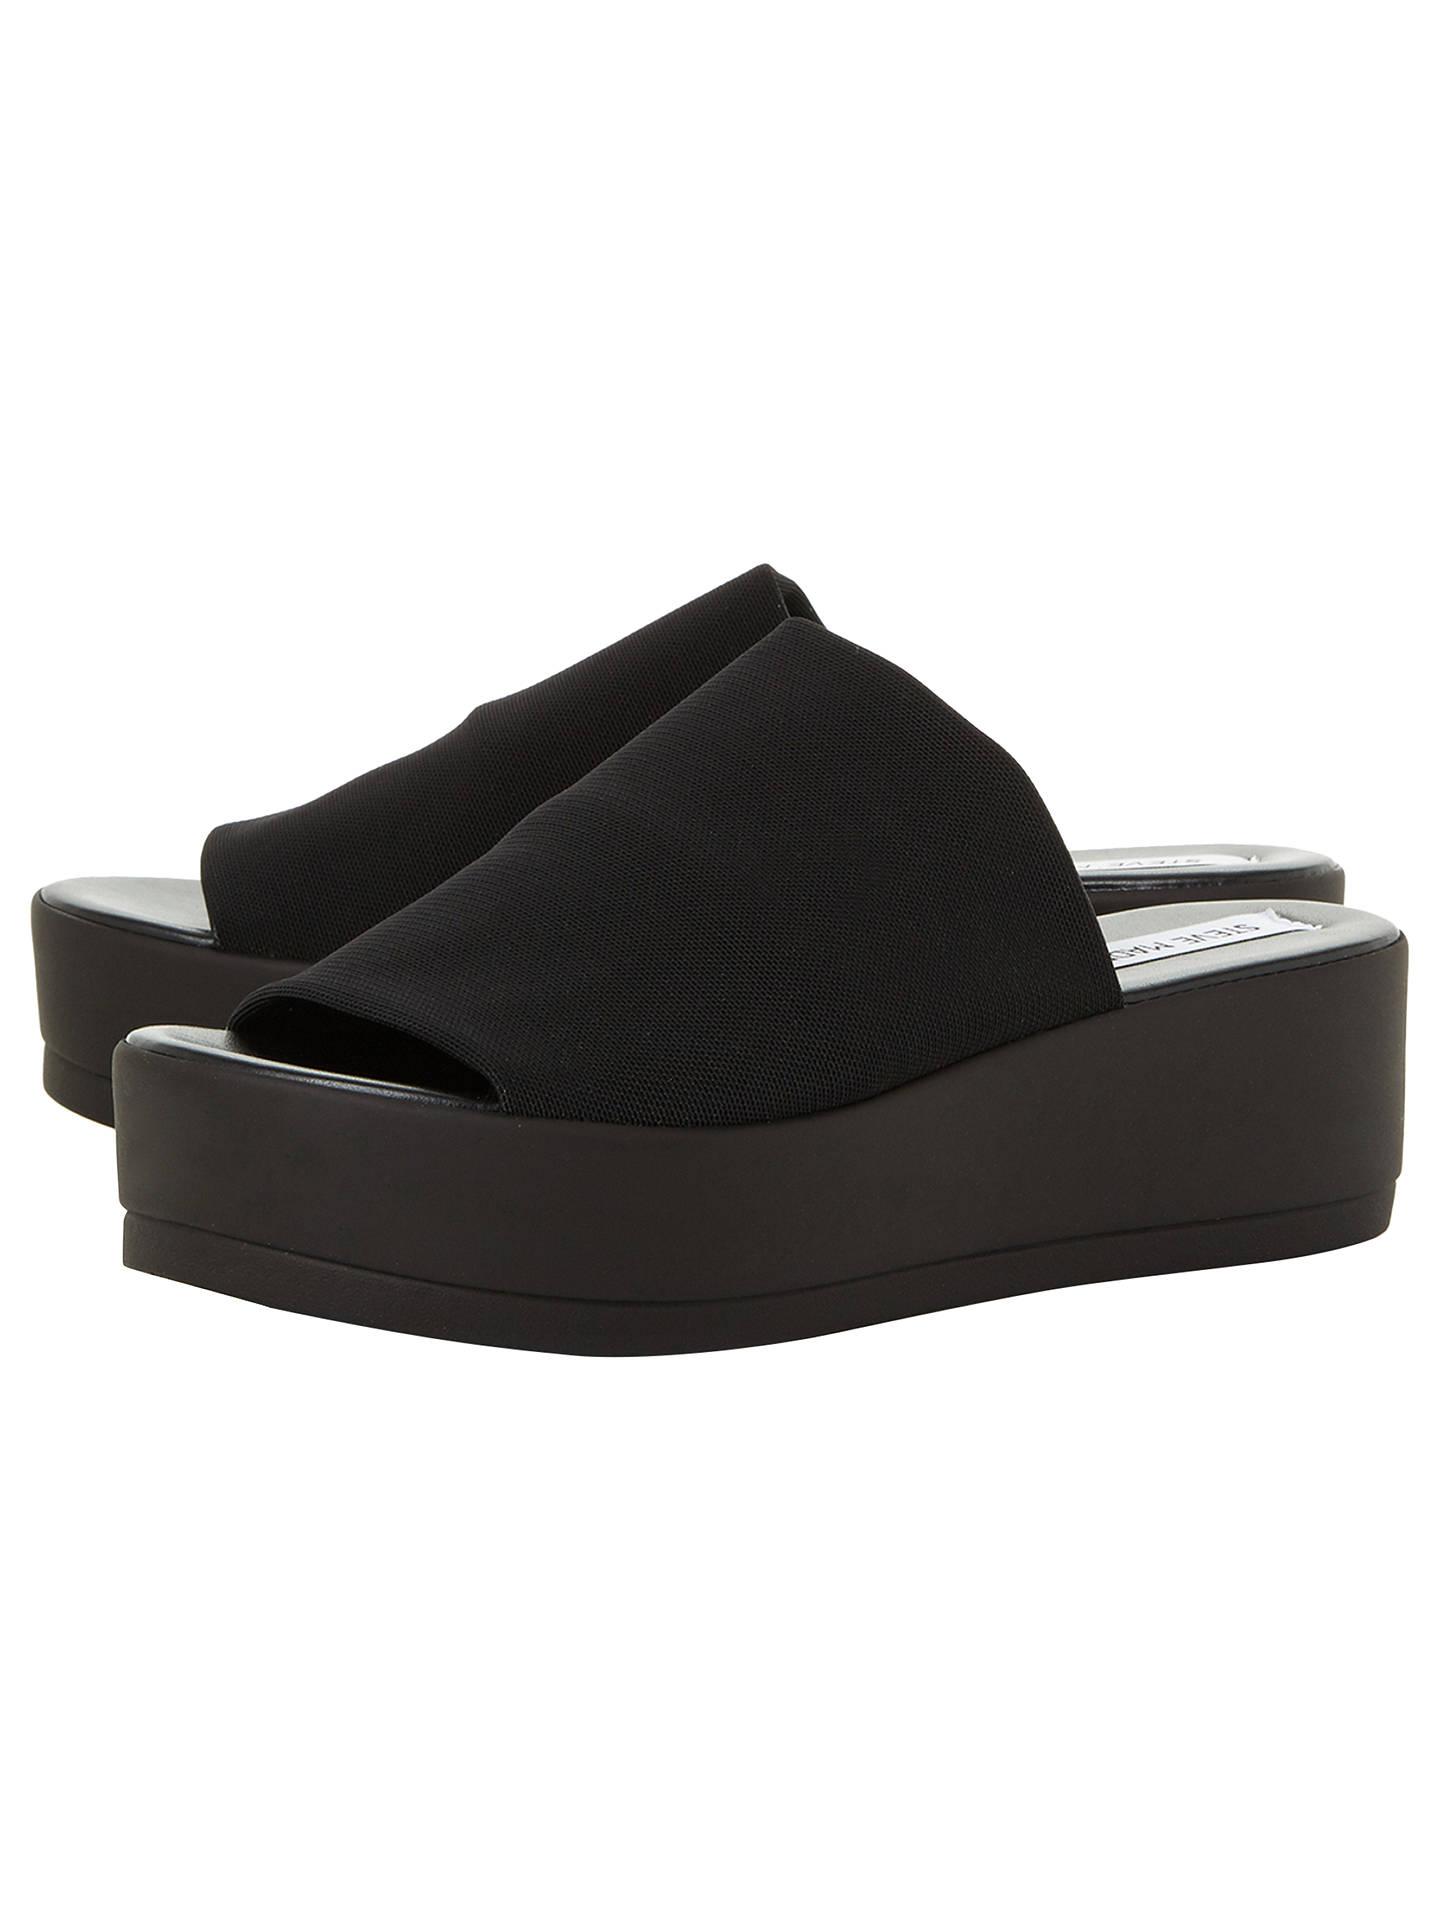 9cf654c5f8e0 ... Buy Steve Madden Slinky Flatform Sandals